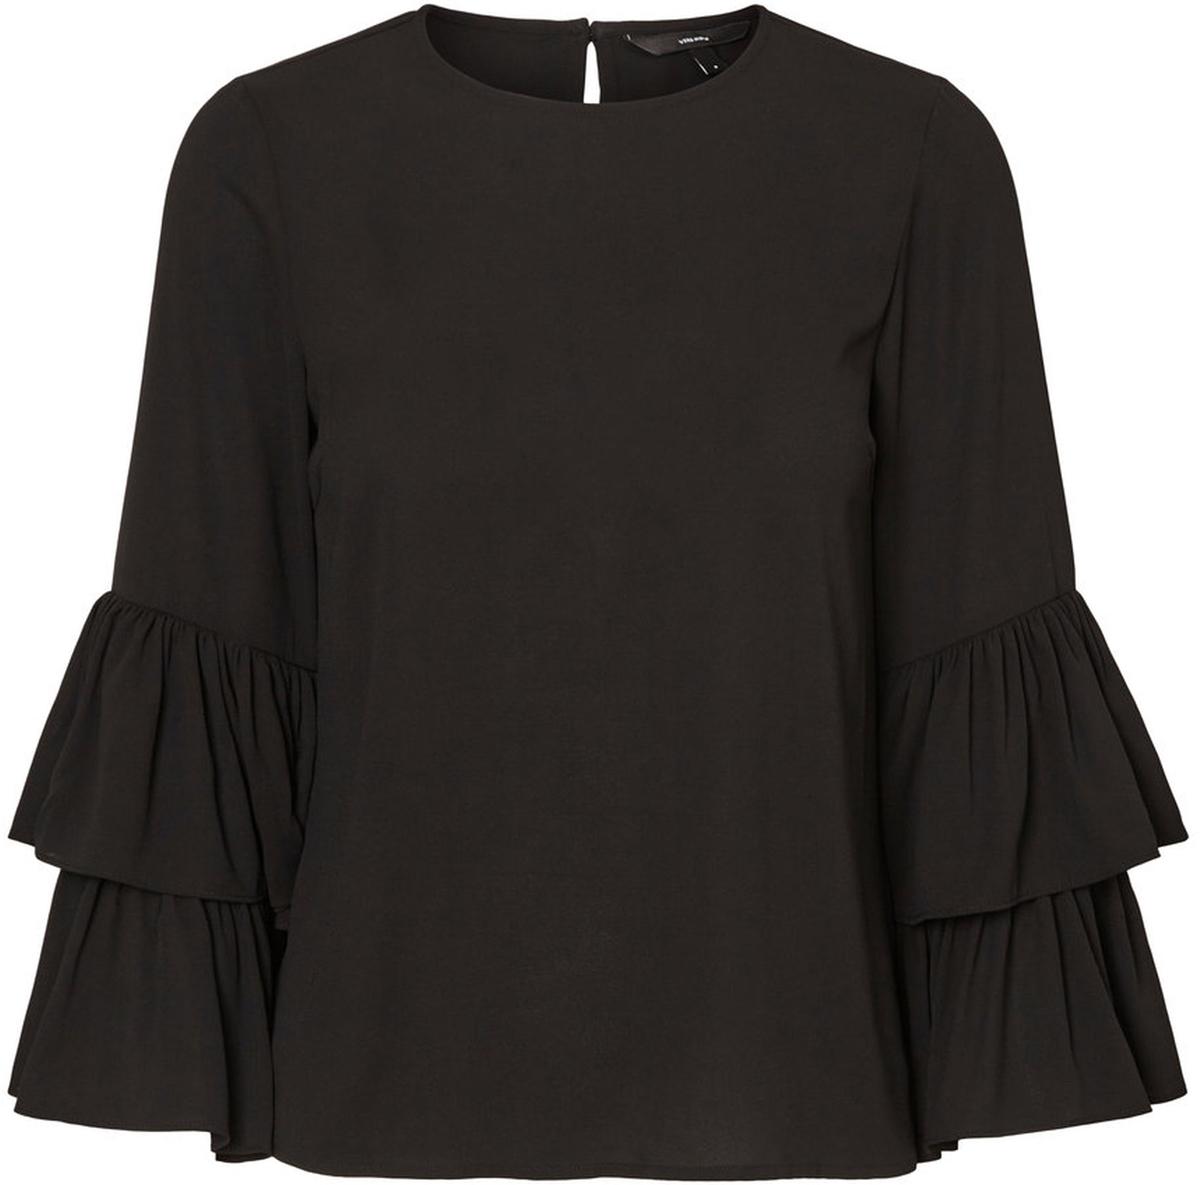 Блузка женская Vero Moda, цвет: черный. 10186367_Black. Размер M (46)10186367_BlackЖенская блузка с круглым вырезом горловины сзади застегивается на пуговицу.